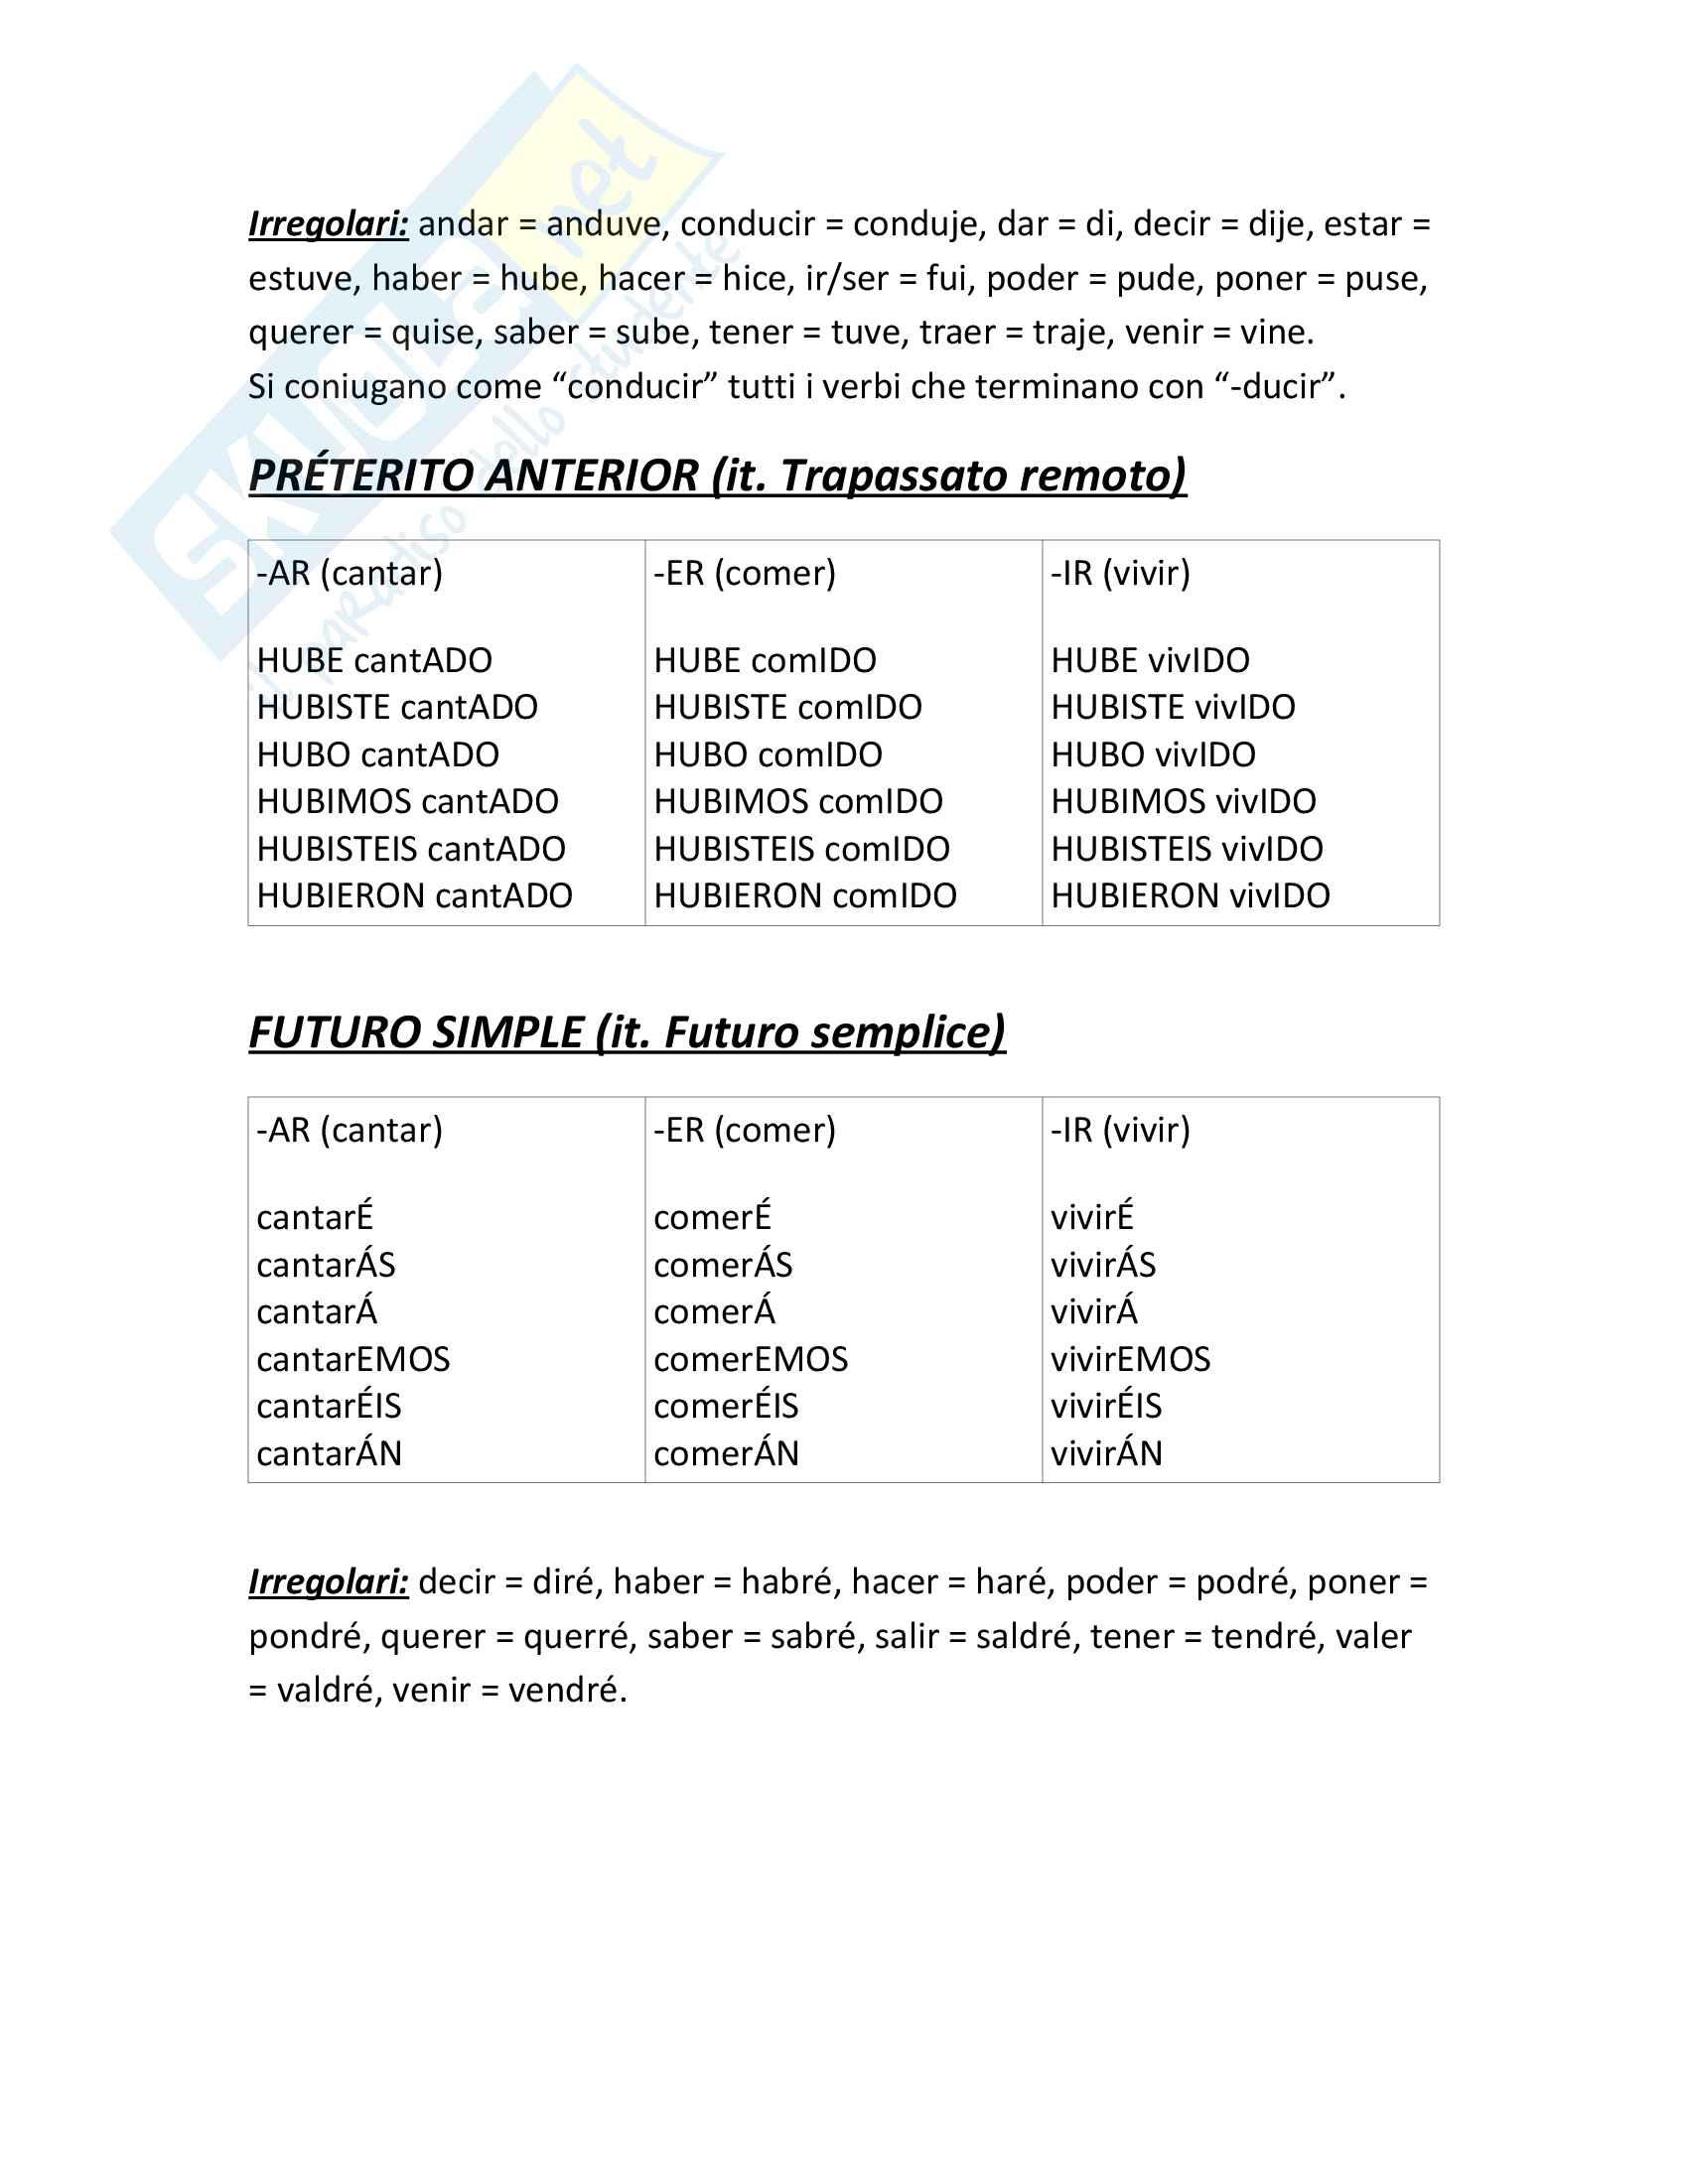 Regole di grammatica - Spagnolo Pag. 11